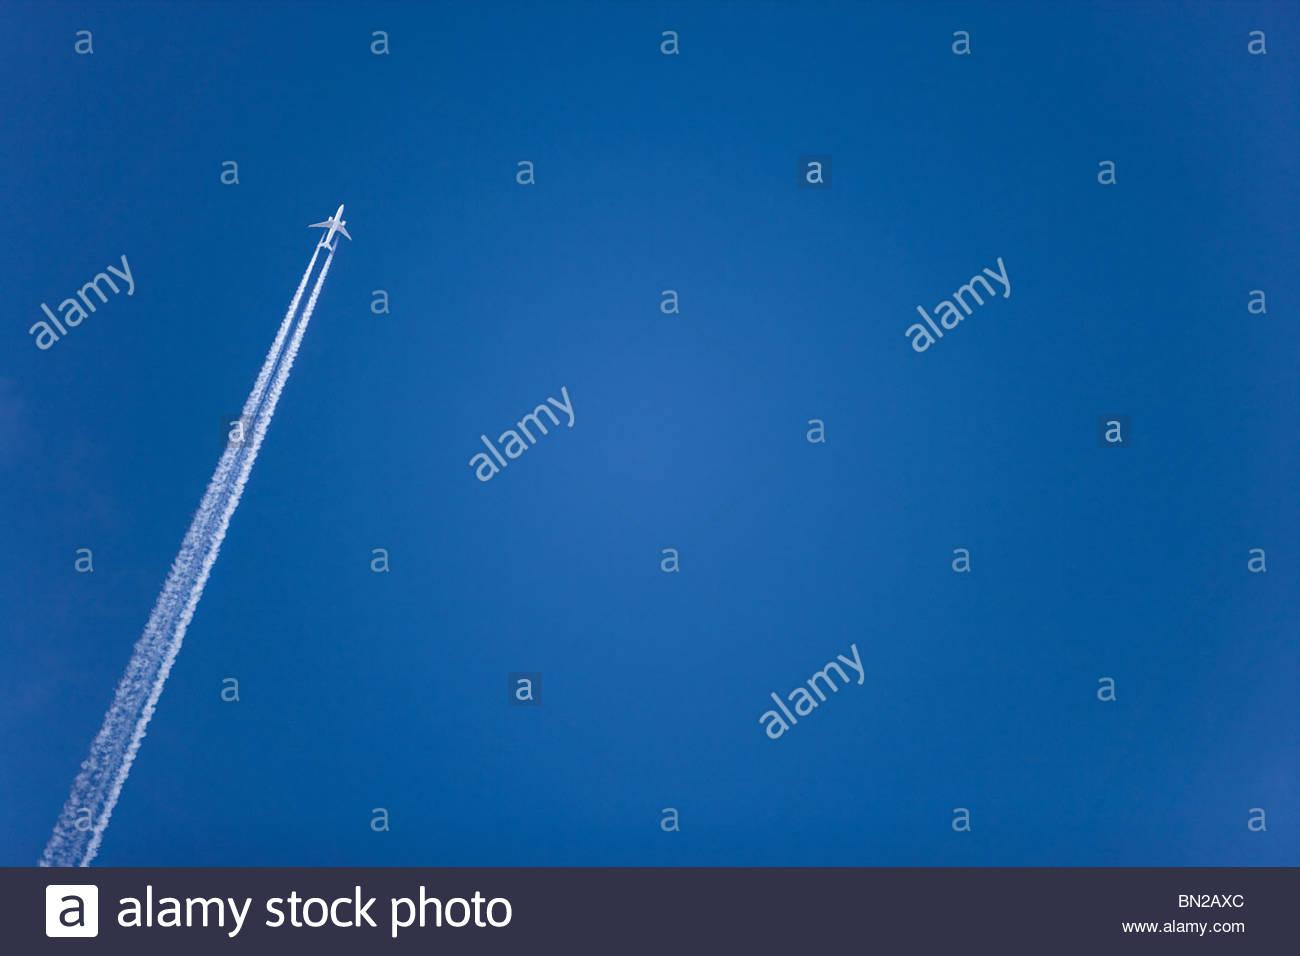 Aereo Con contrail volare nel cielo azzurro Immagini Stock